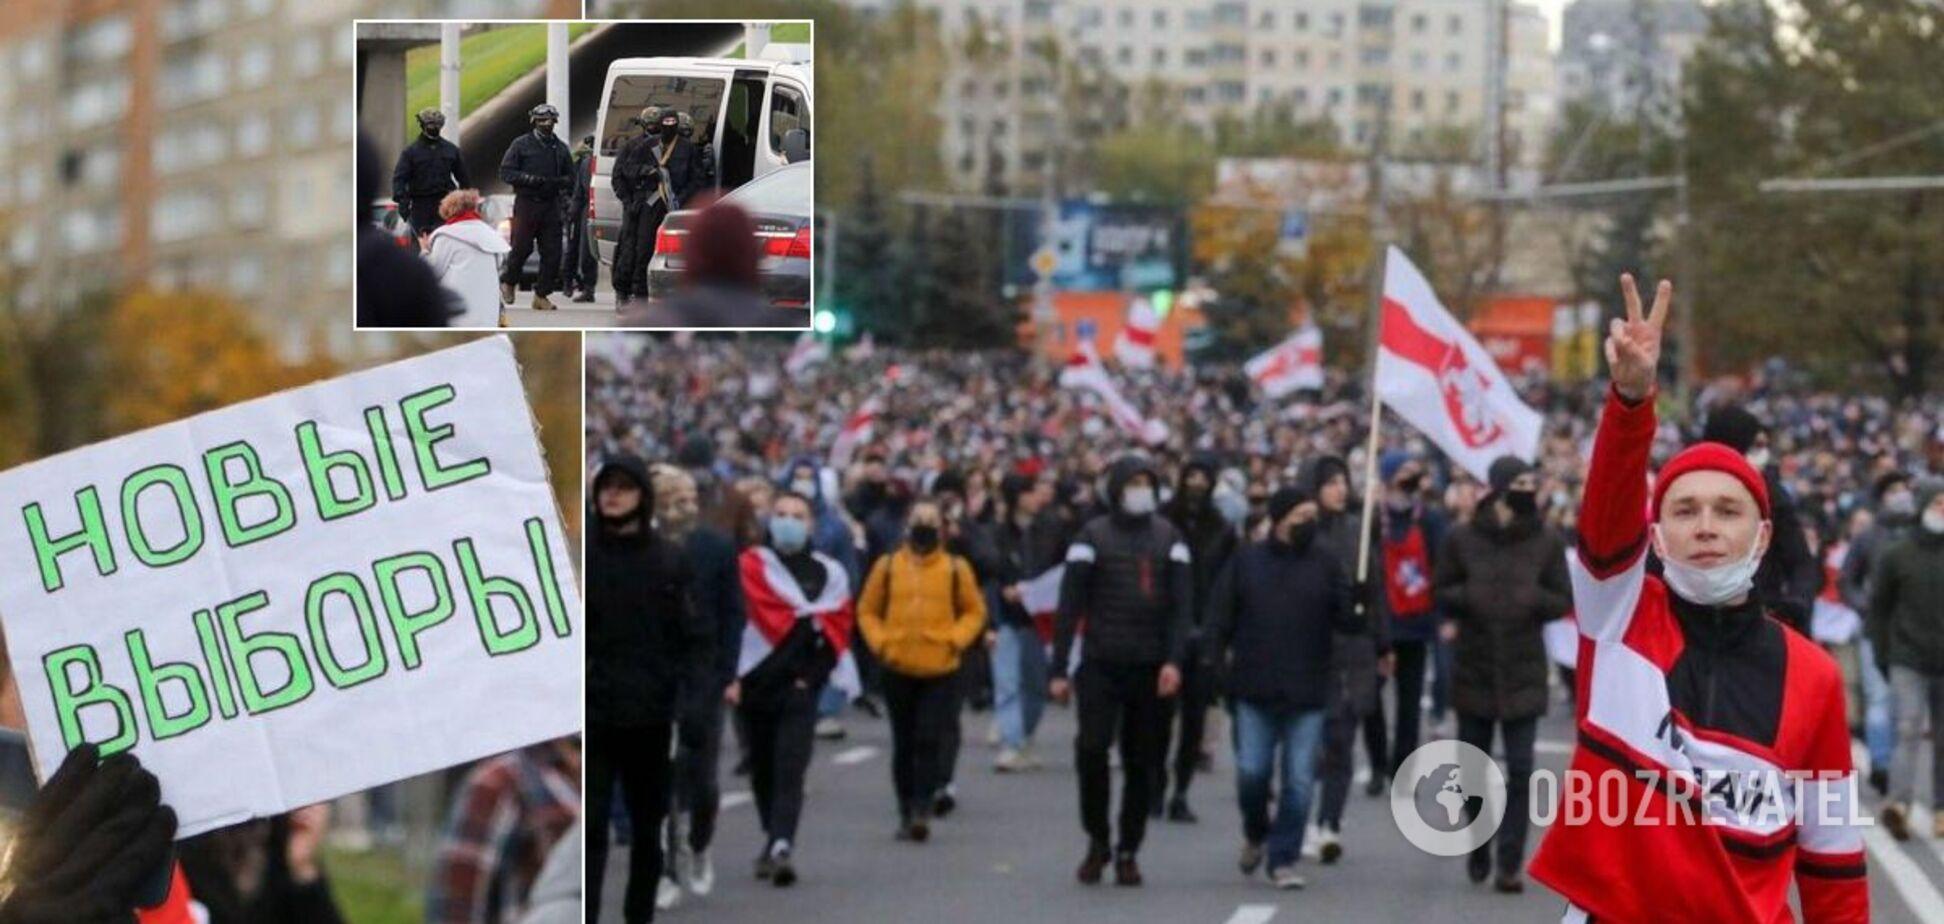 Білорусь вийшла на 'Партизанський марш': силовики стріляли гумовими кулями, сотні затриманих